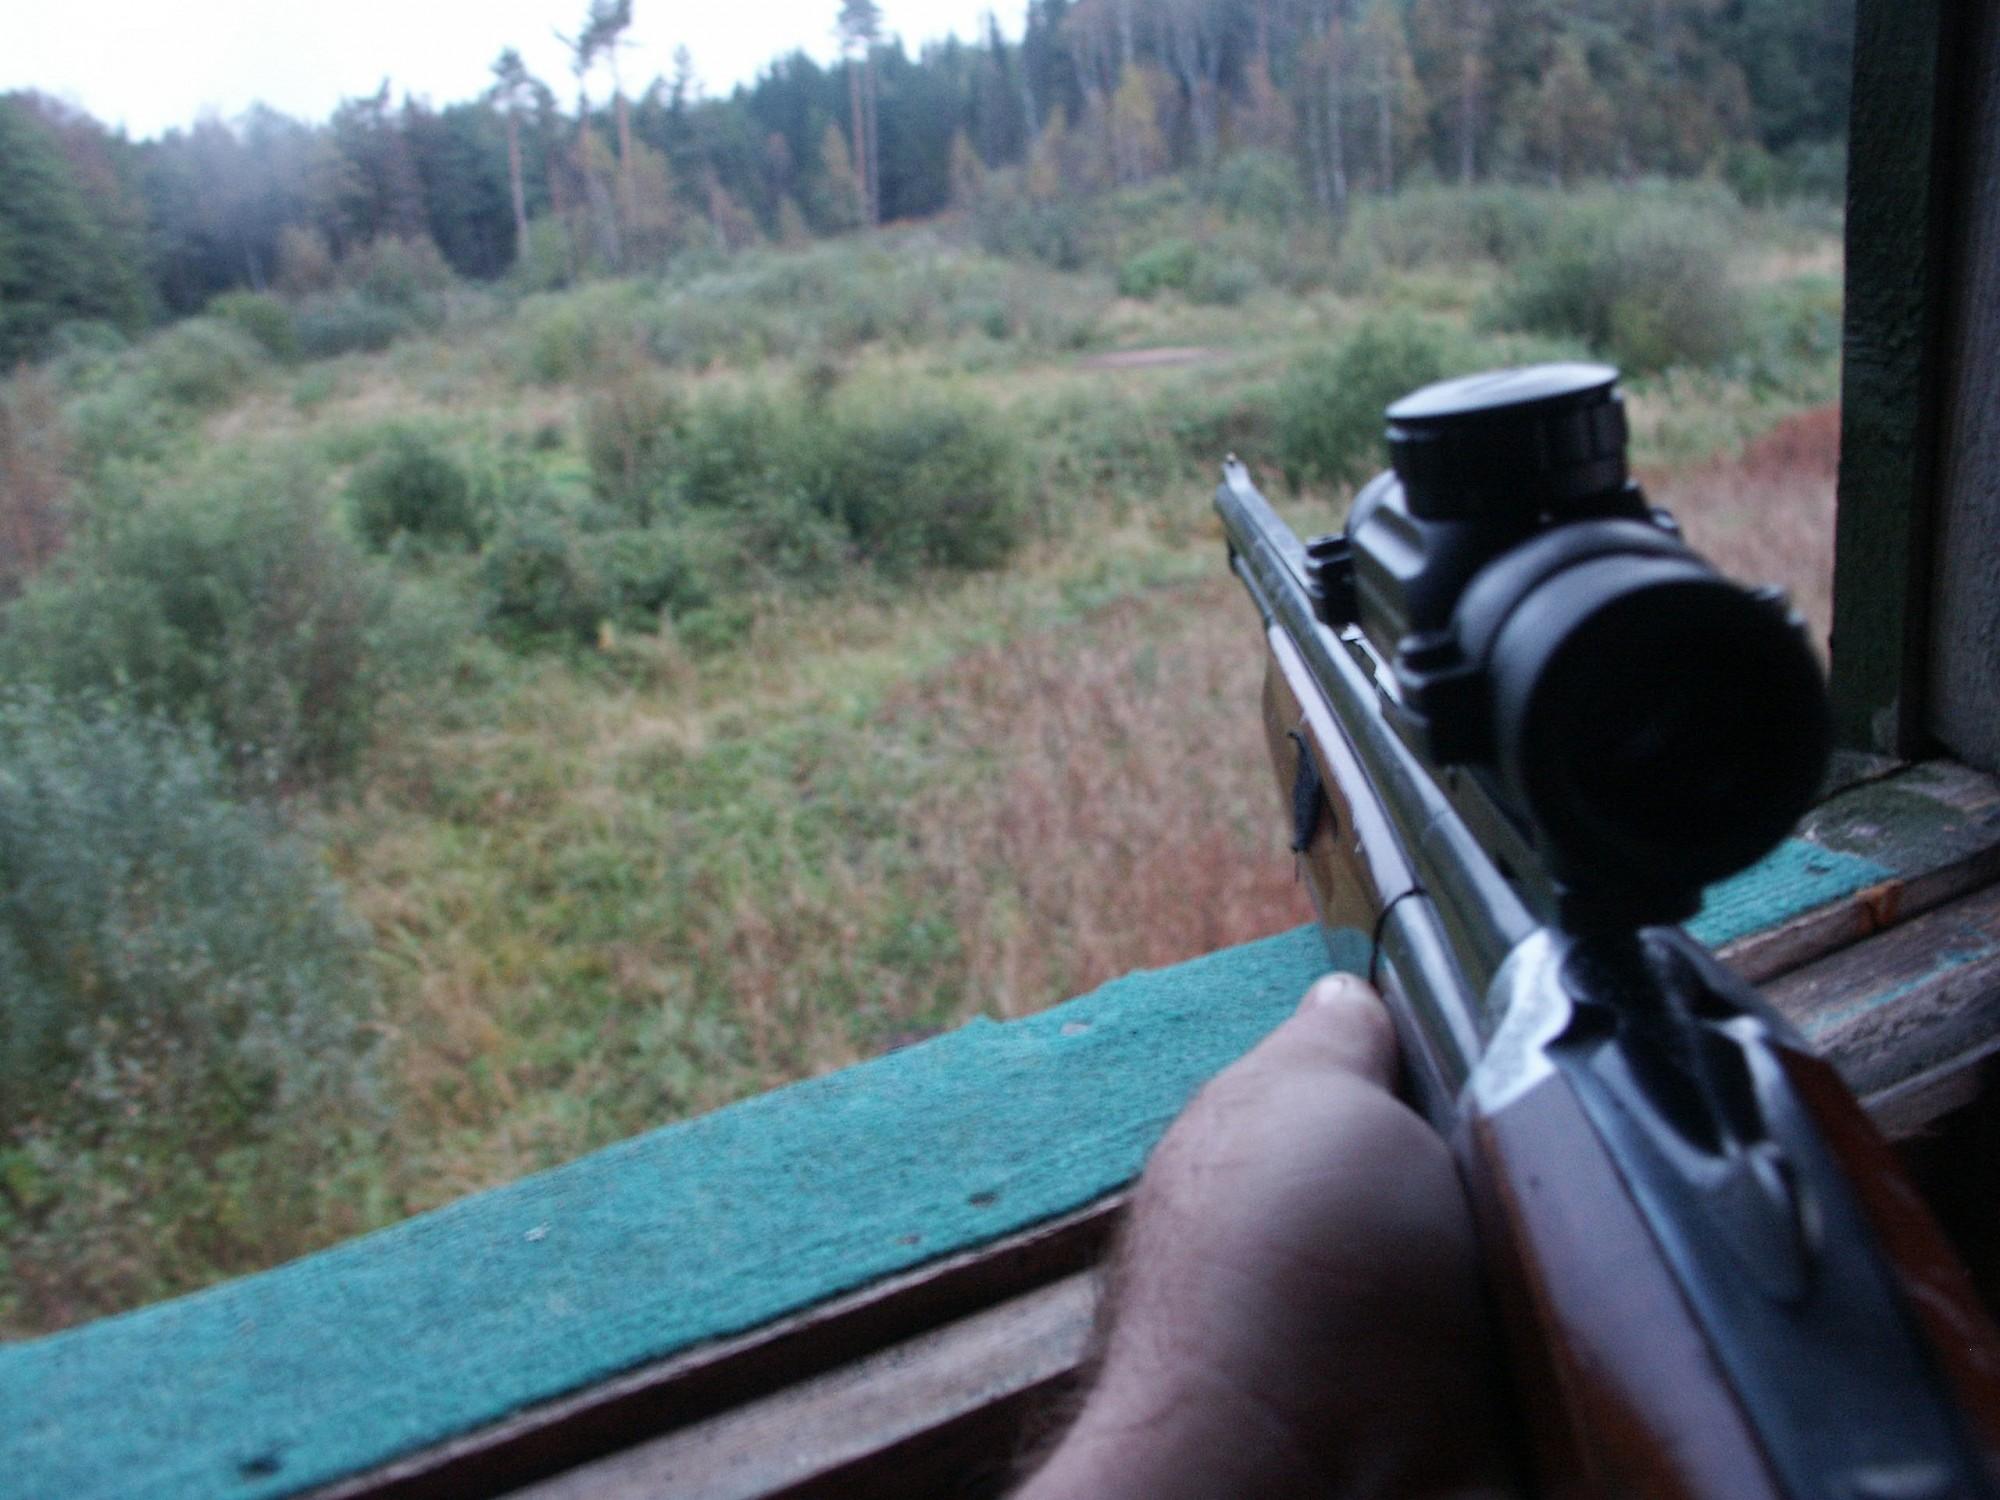 Vīrietis sašauj savu dzīvesbiedri; sieviete ar gūtajām traumām nogādāta slimnīcā